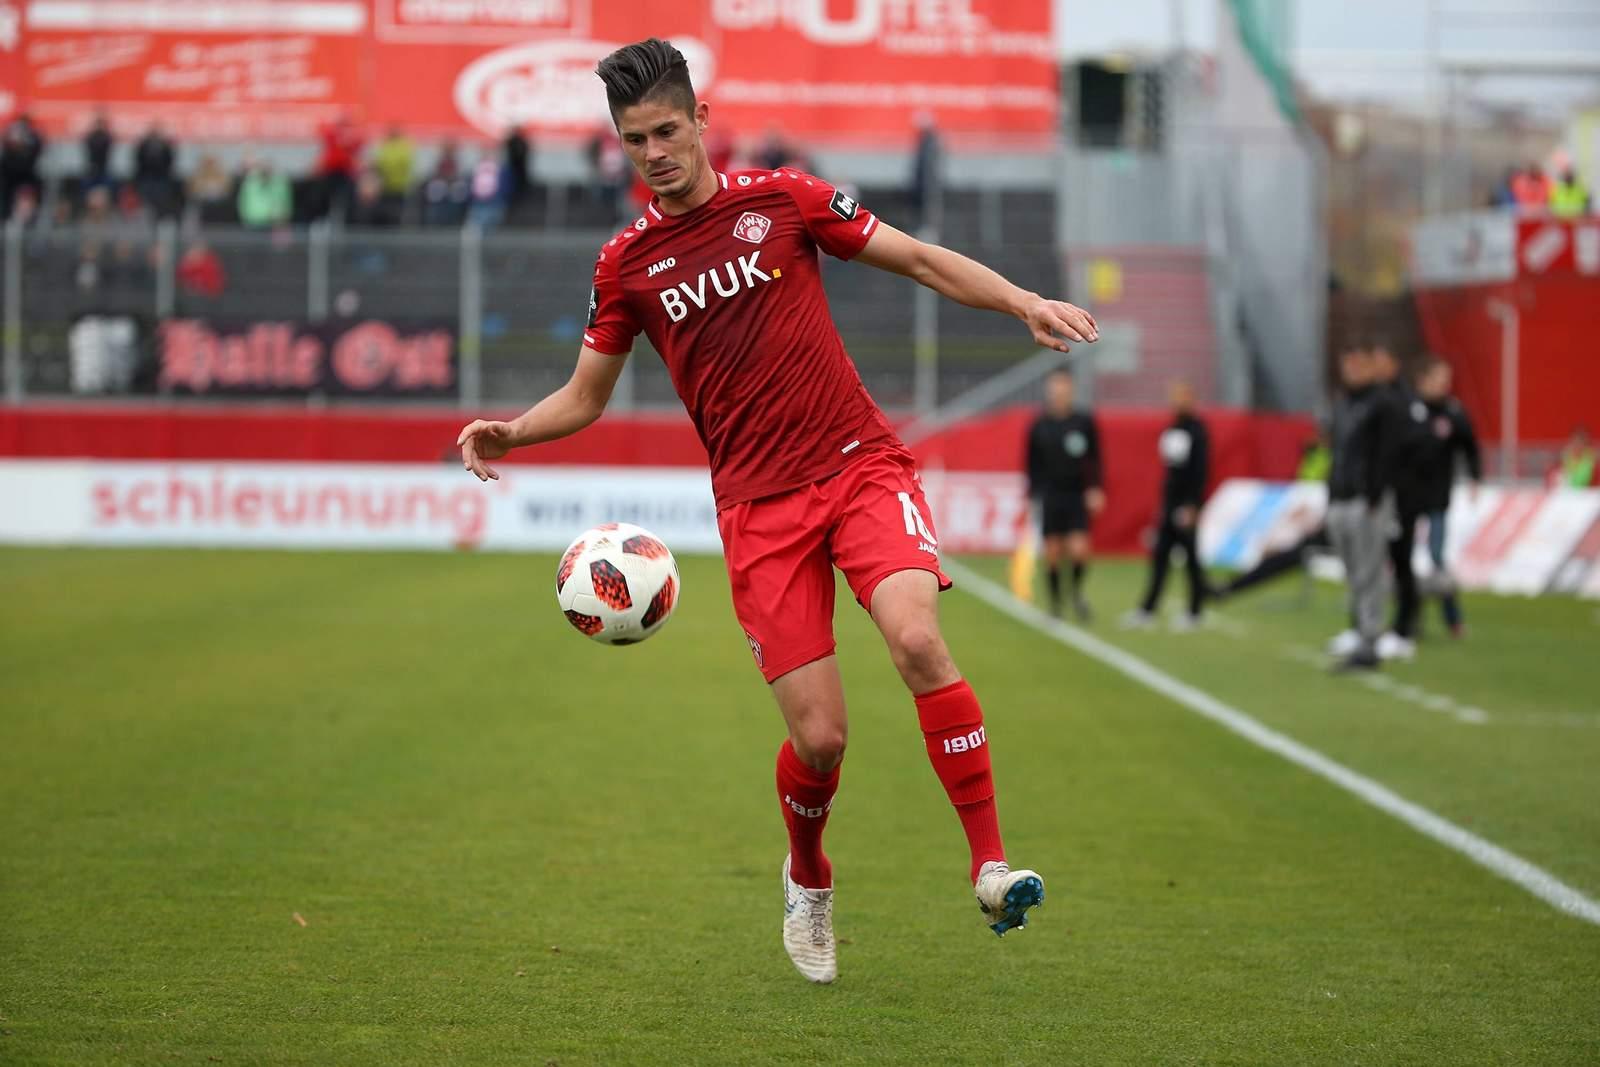 Dennis Mast von den Würzburger Kickers